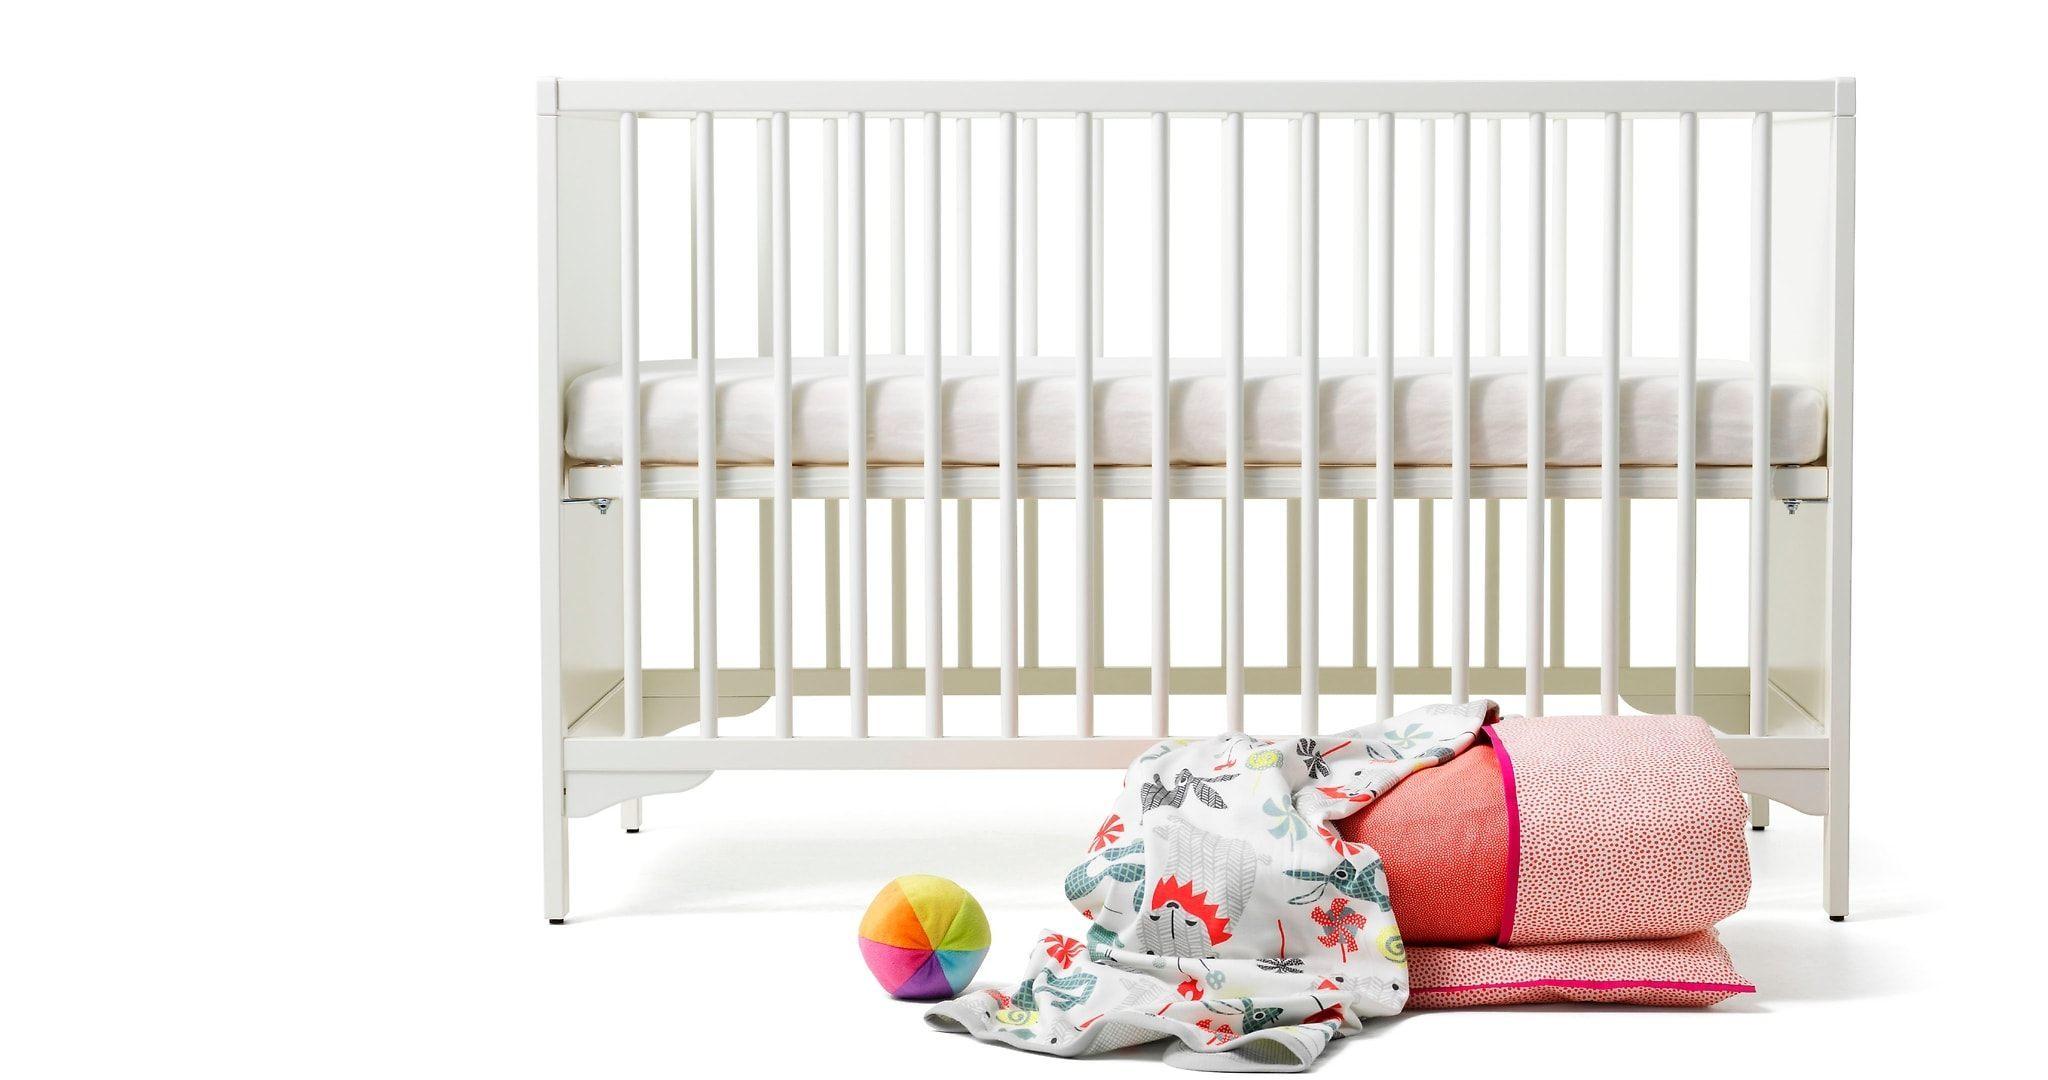 Lit Bébé Transformable Meilleur De 31 New Chambre Bébé Promo Pics